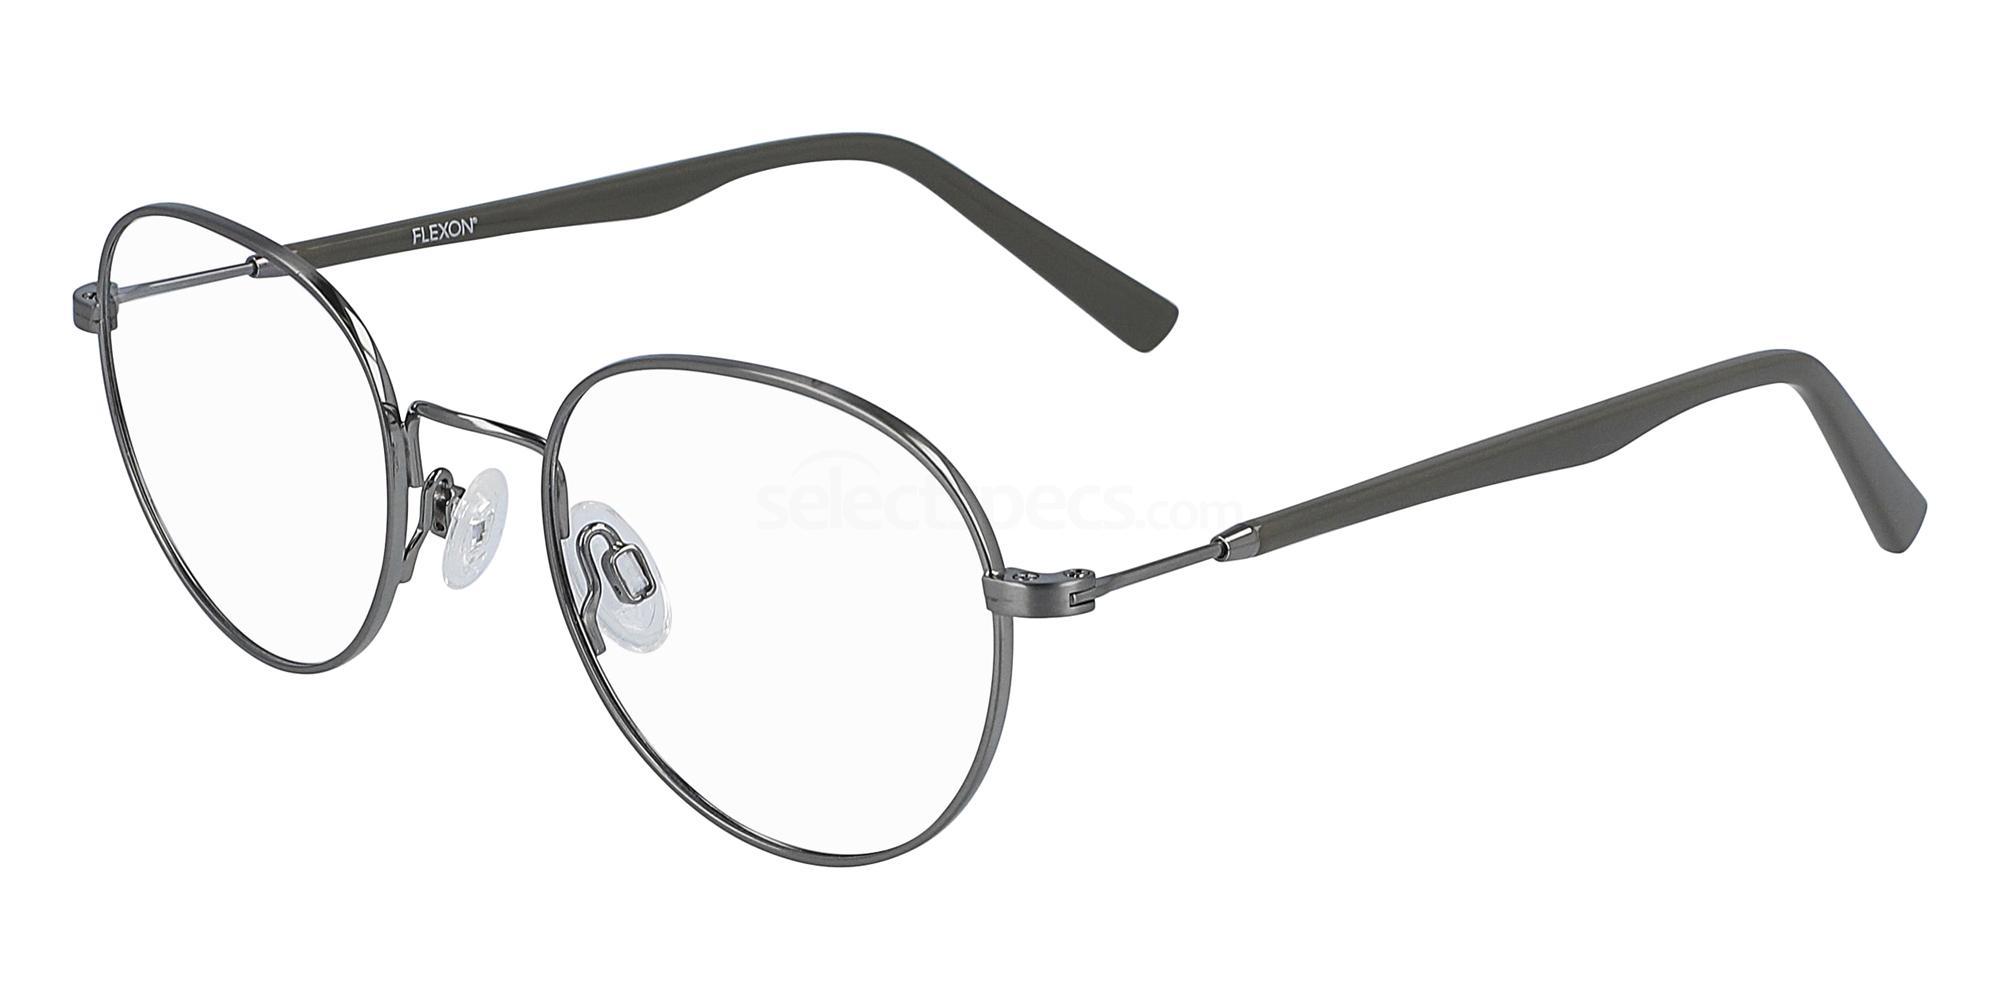 035 FLEXON H6010 Glasses, Flexon